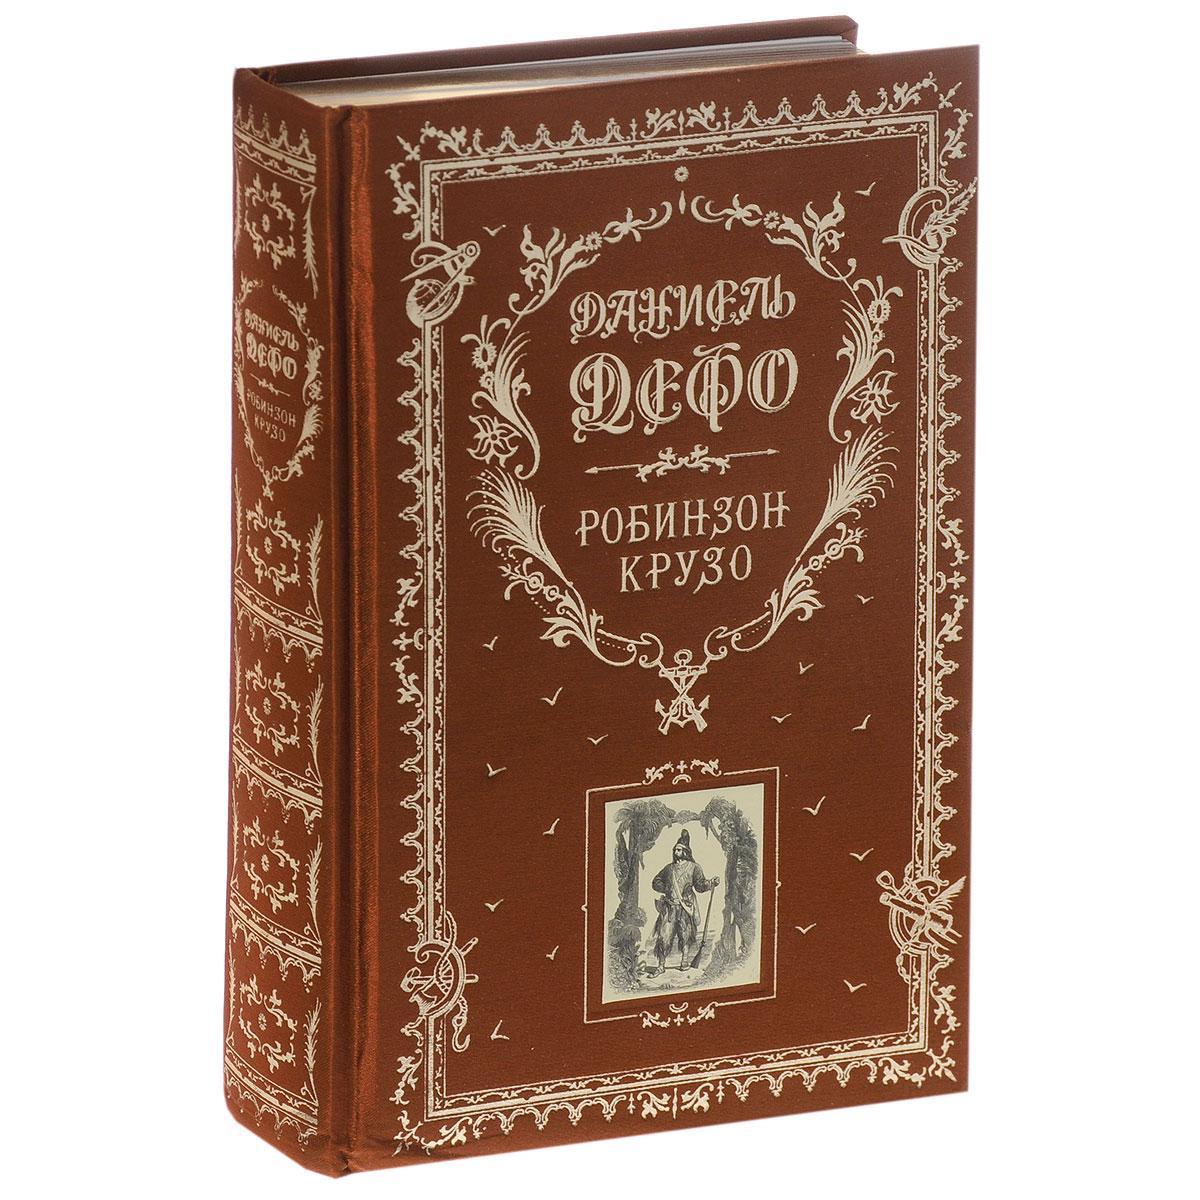 Робинзон Крузо (подарочное издание). Даниель Дефо